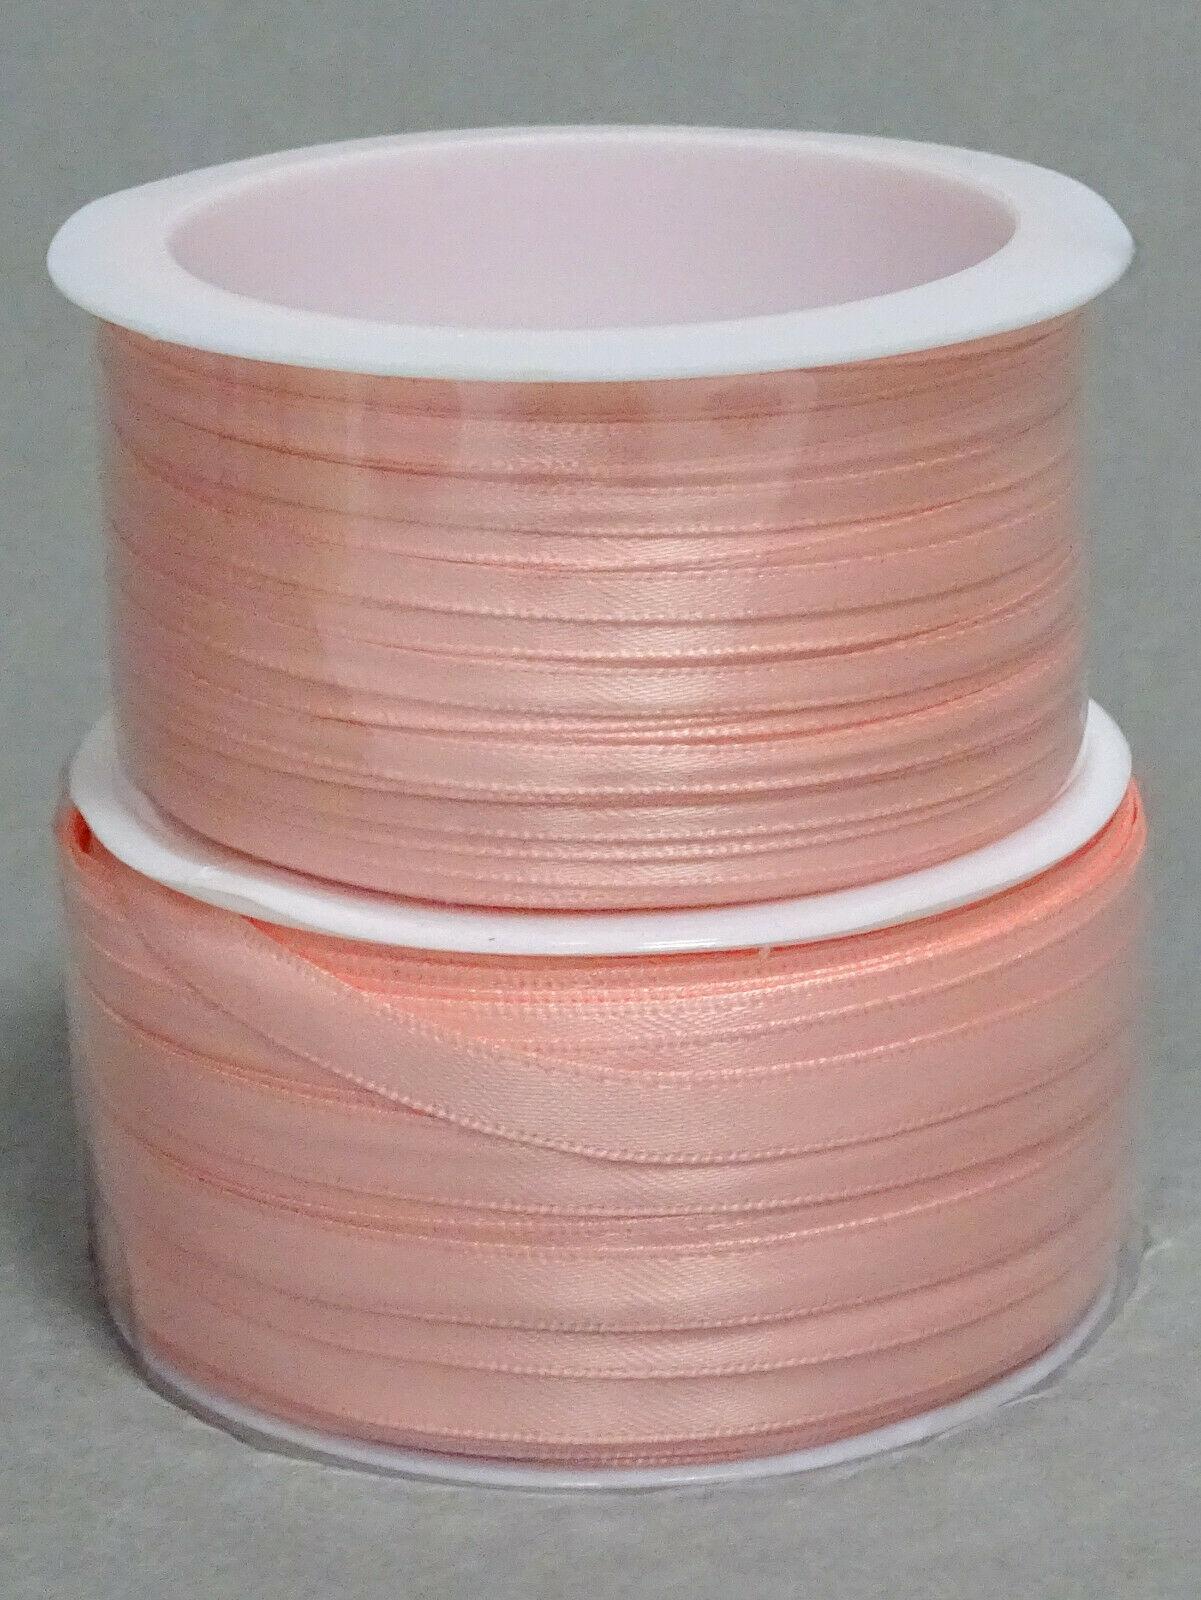 Satinband Schleifenband 50m x 3mm / 6mm Dekoband ab 0,05 €/m Geschenkband Rolle - Mellow Rose 216, 6 mm x 50 m